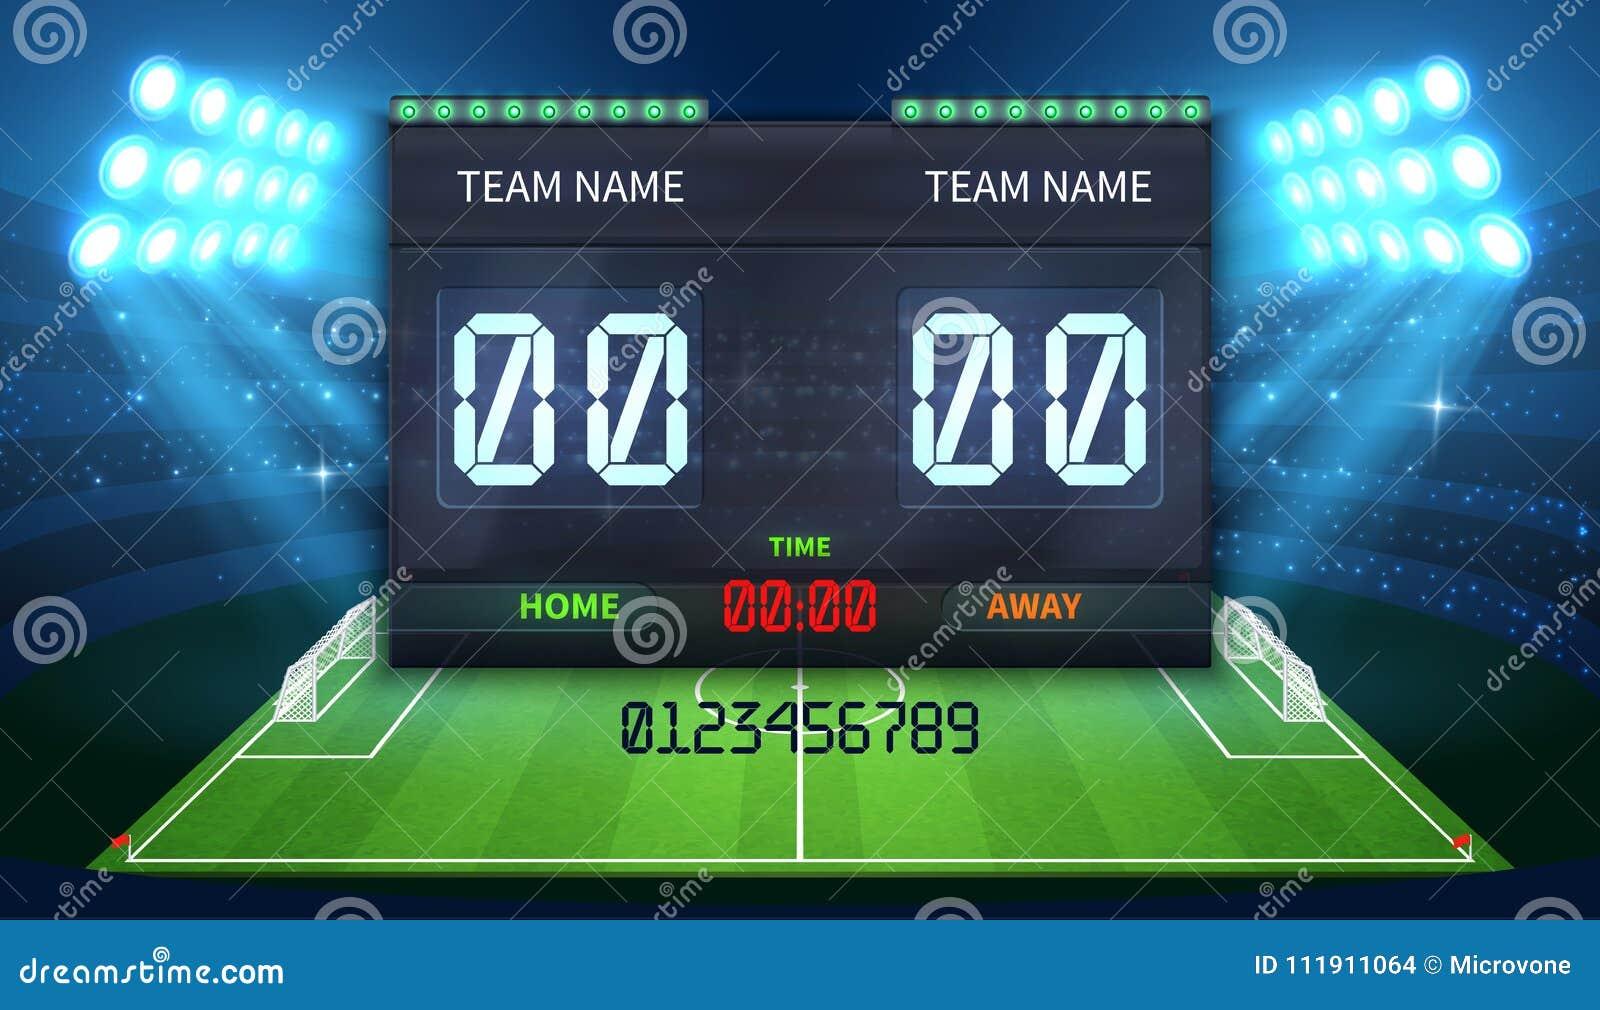 Elektroniskt sportfunktionskort för stadion med fotbolltid- och fotbollsmatchresultatskärm